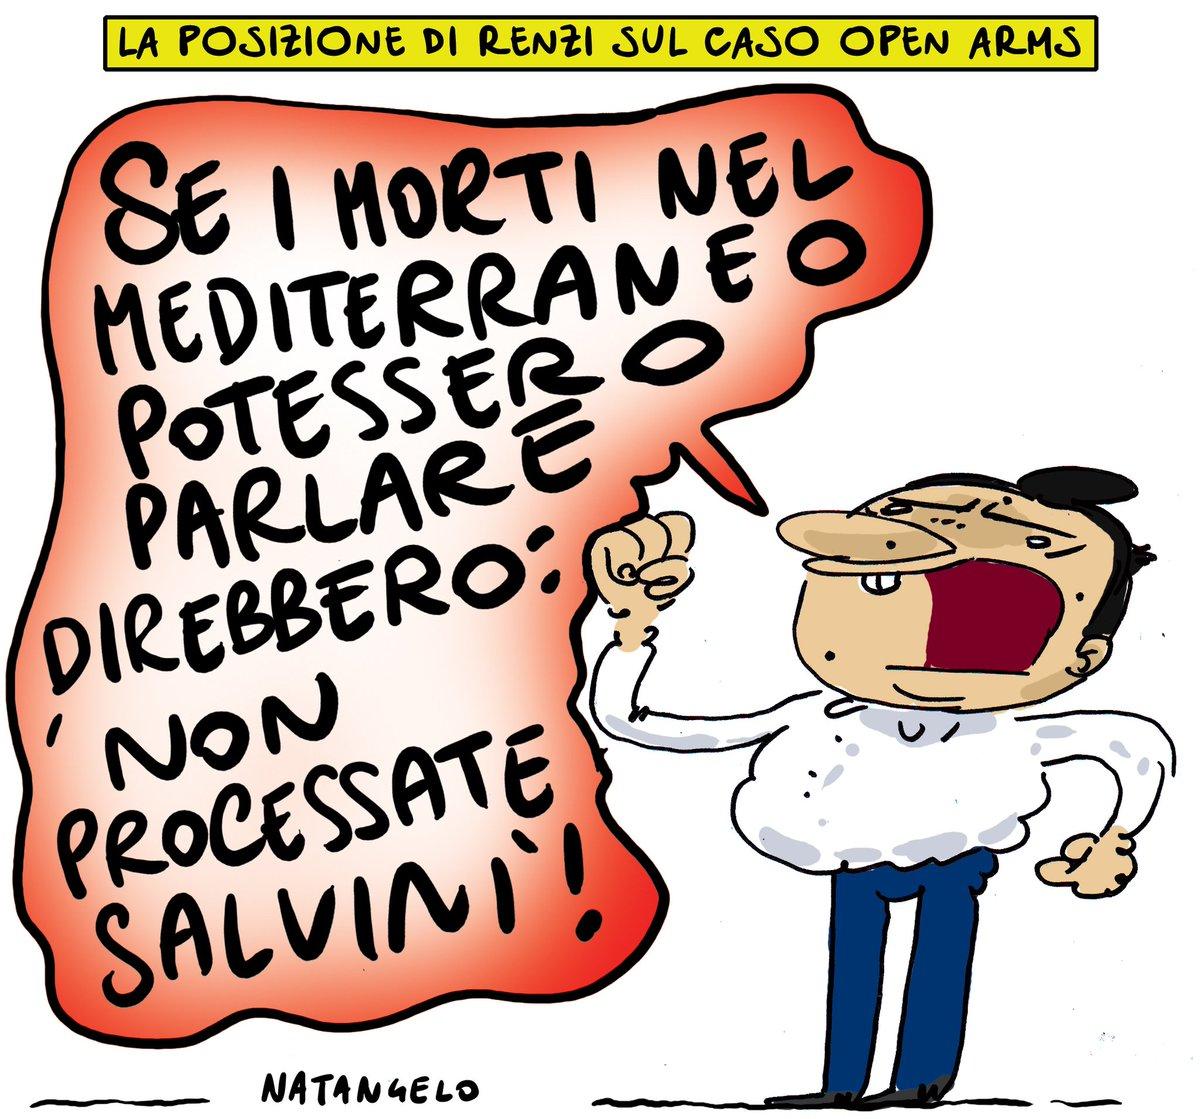 #OpenArms